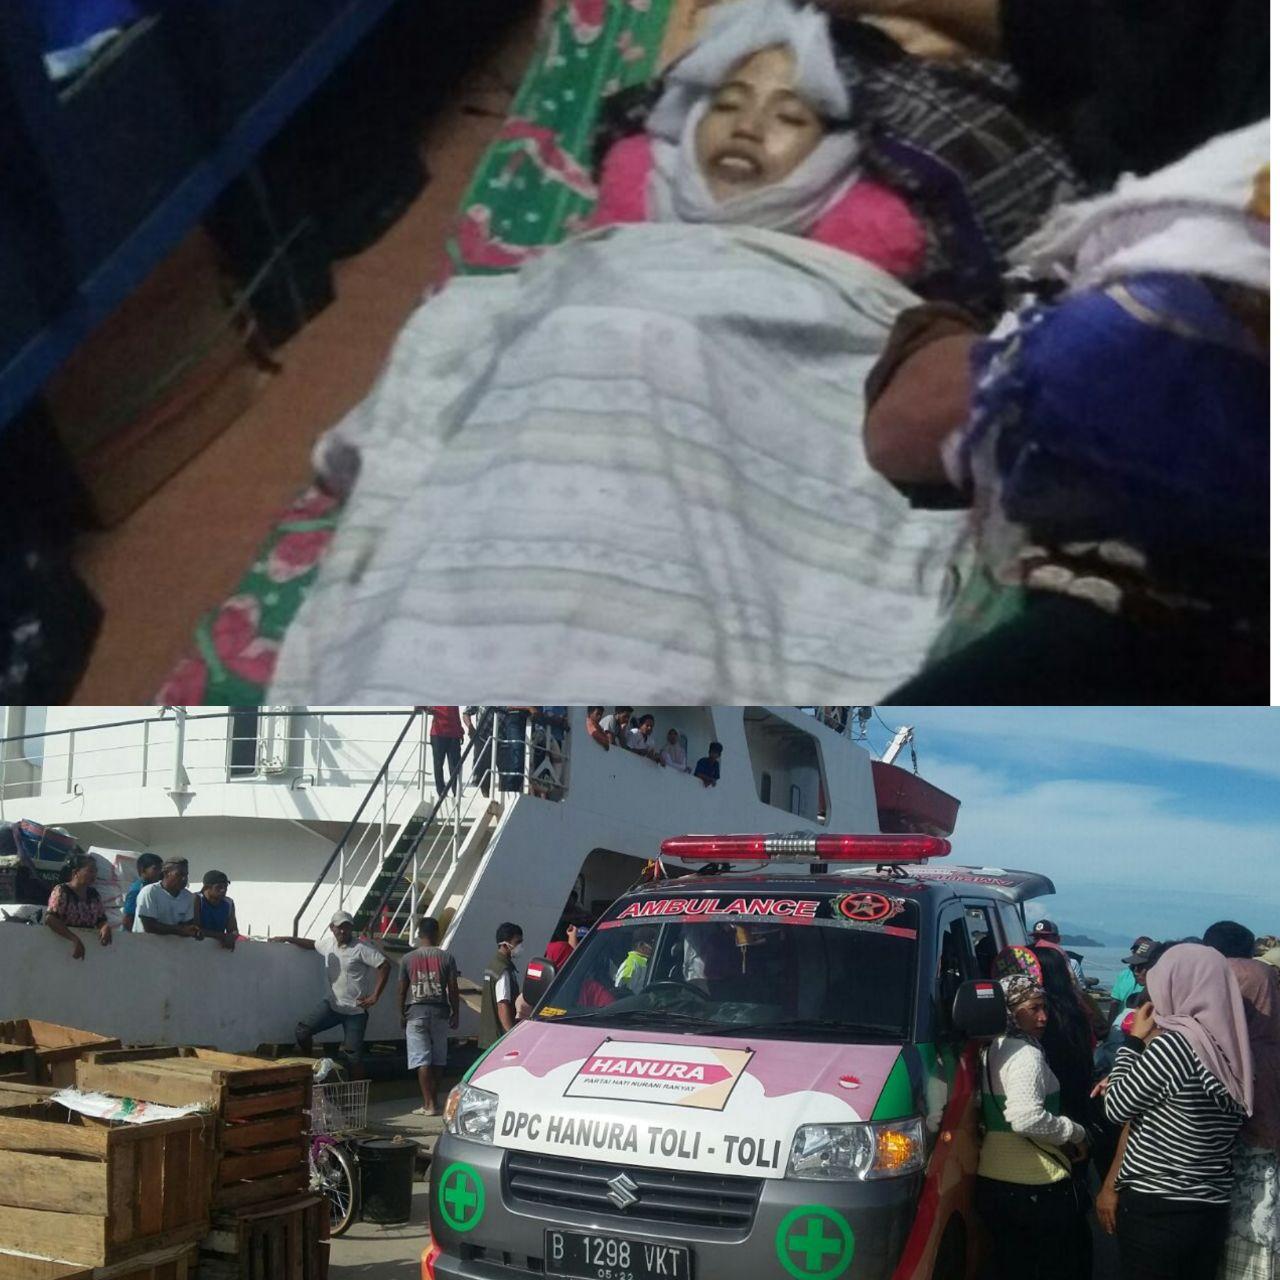 penumpang meninggal di kapal